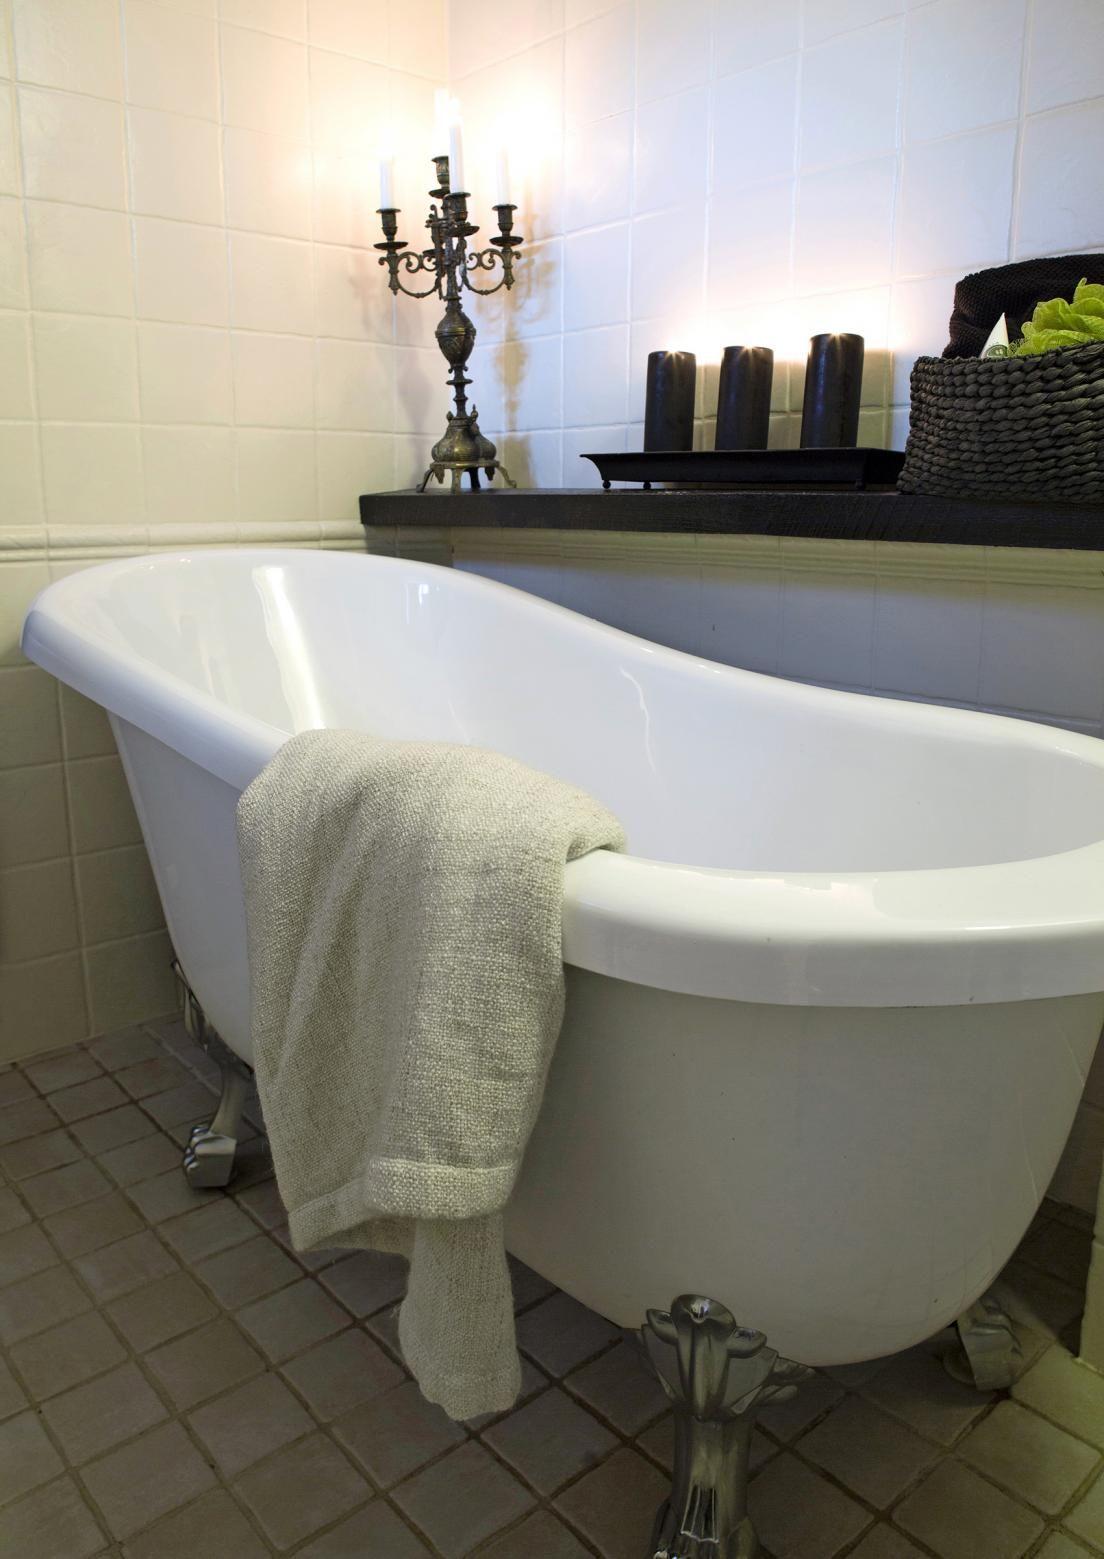 Romanttinen kylpyhuone syntyy lämpimästä värimaailmasta, kuviollisesta lattiasta ja kodin käyttöesineistä. Katso ihanat ideat!